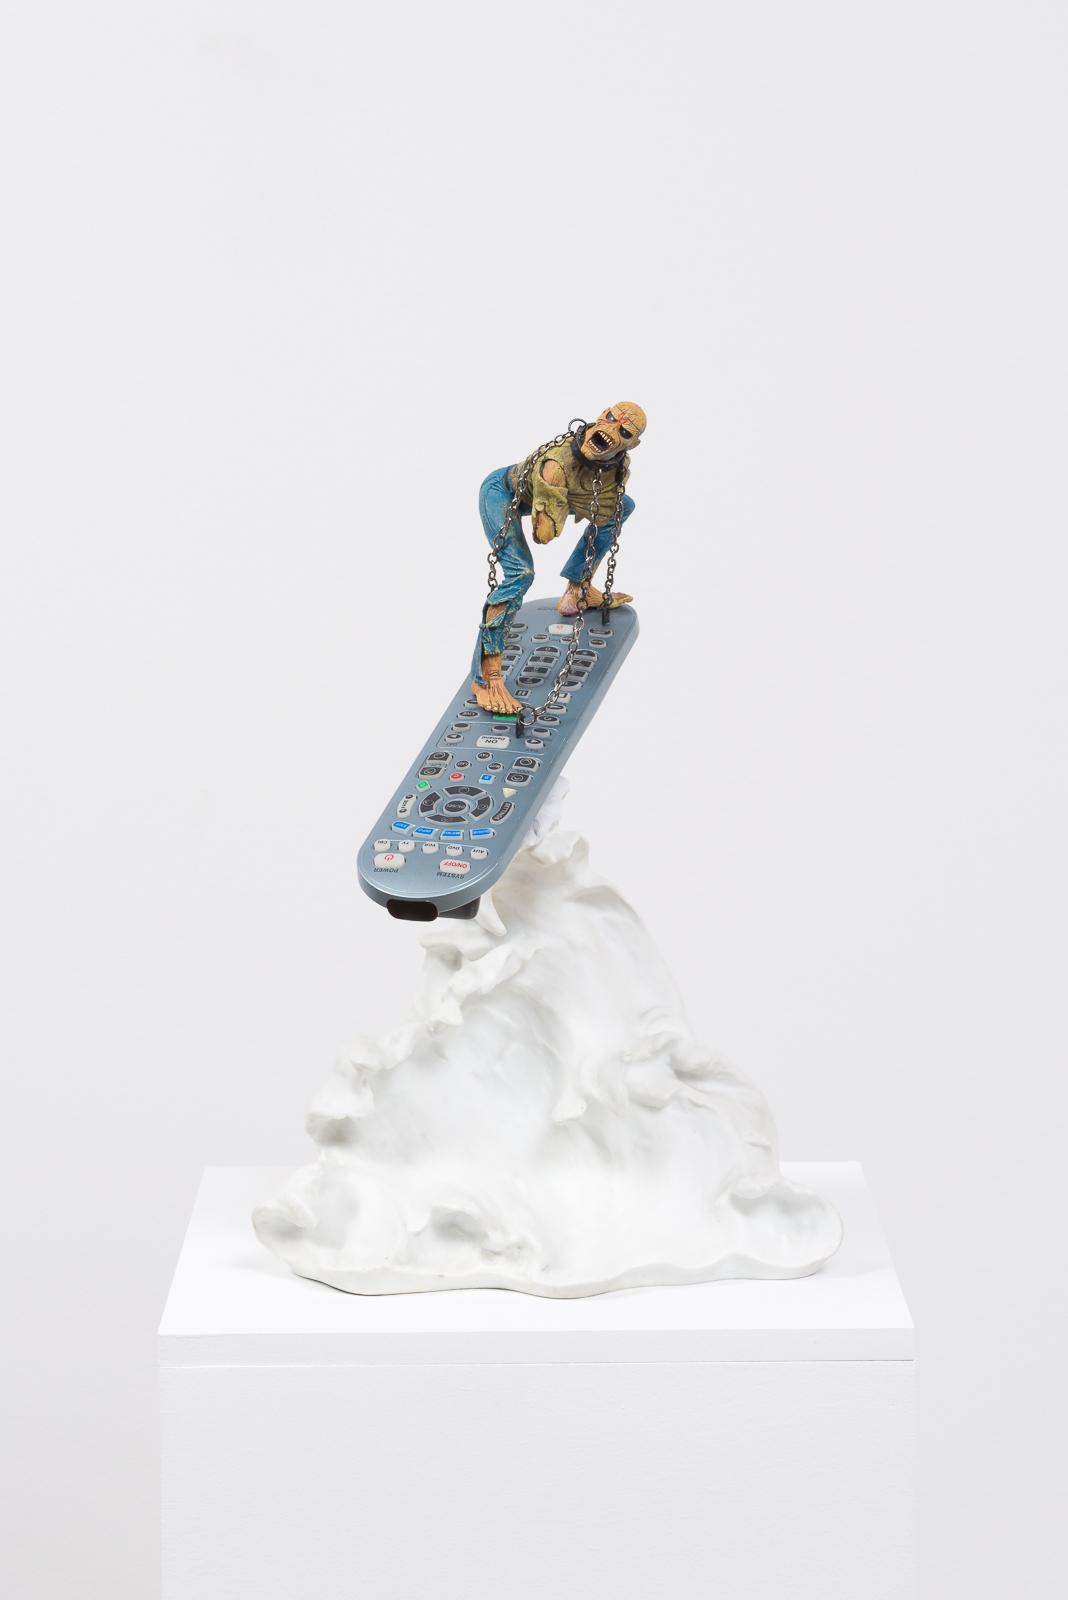 Channel Surfing, 2017  Vinyl action figure, metal chain, remote control, porcelain wave, pedestal